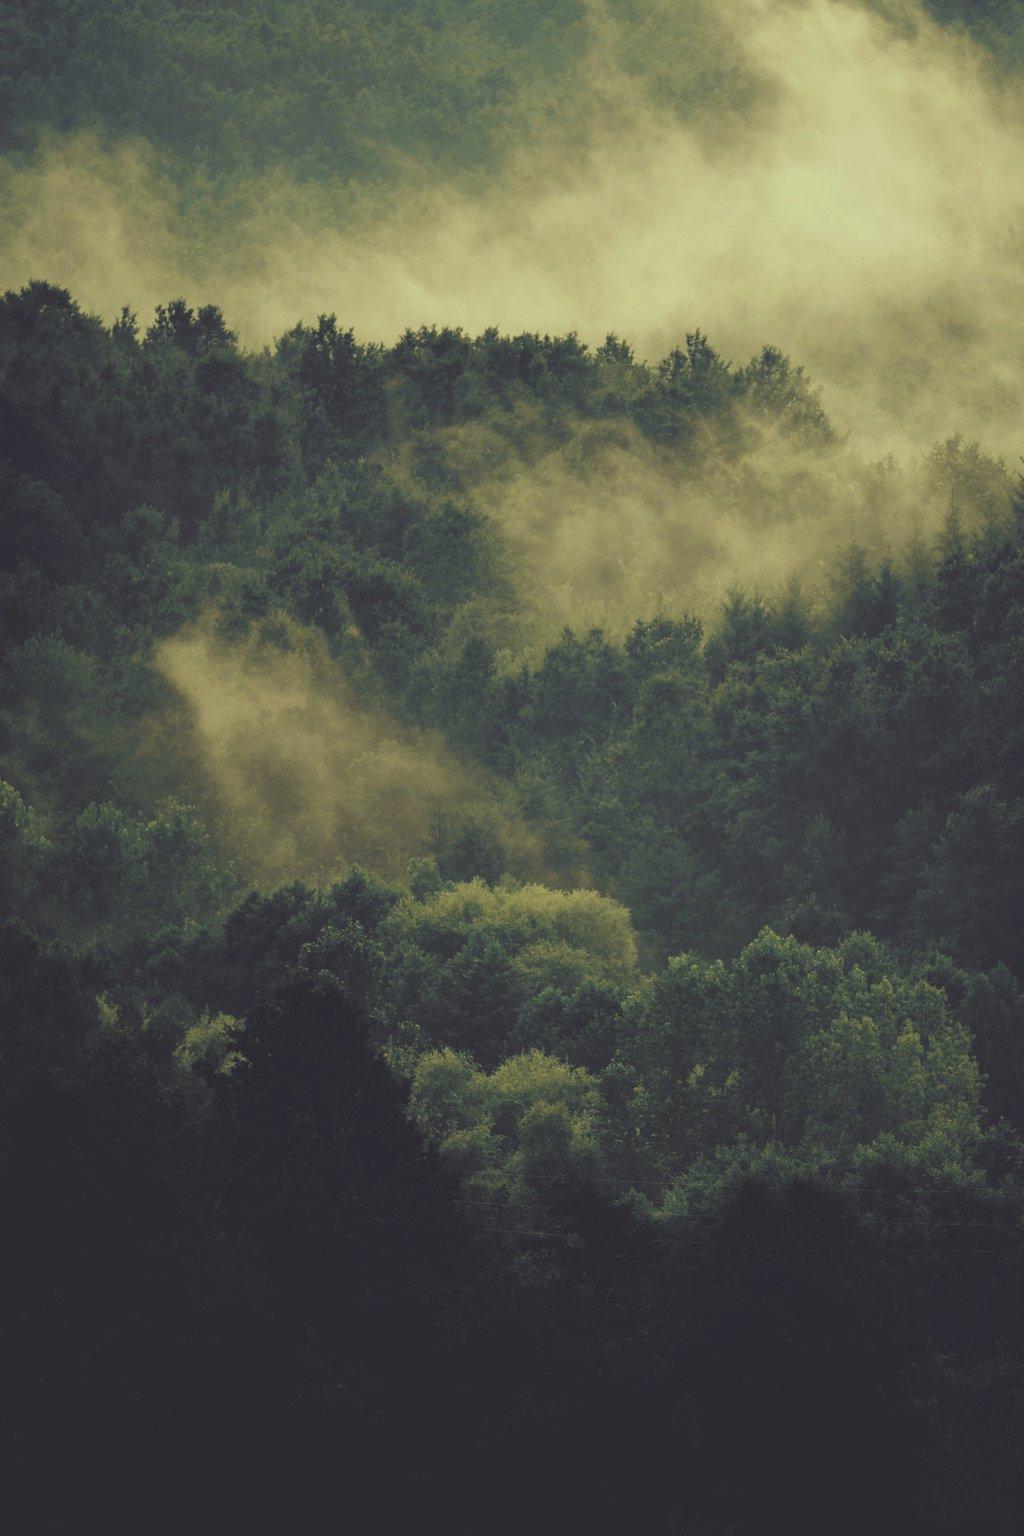 Rüyada şimşek çarptığını Çaktığını gök gürültüsü görmek ne demektir